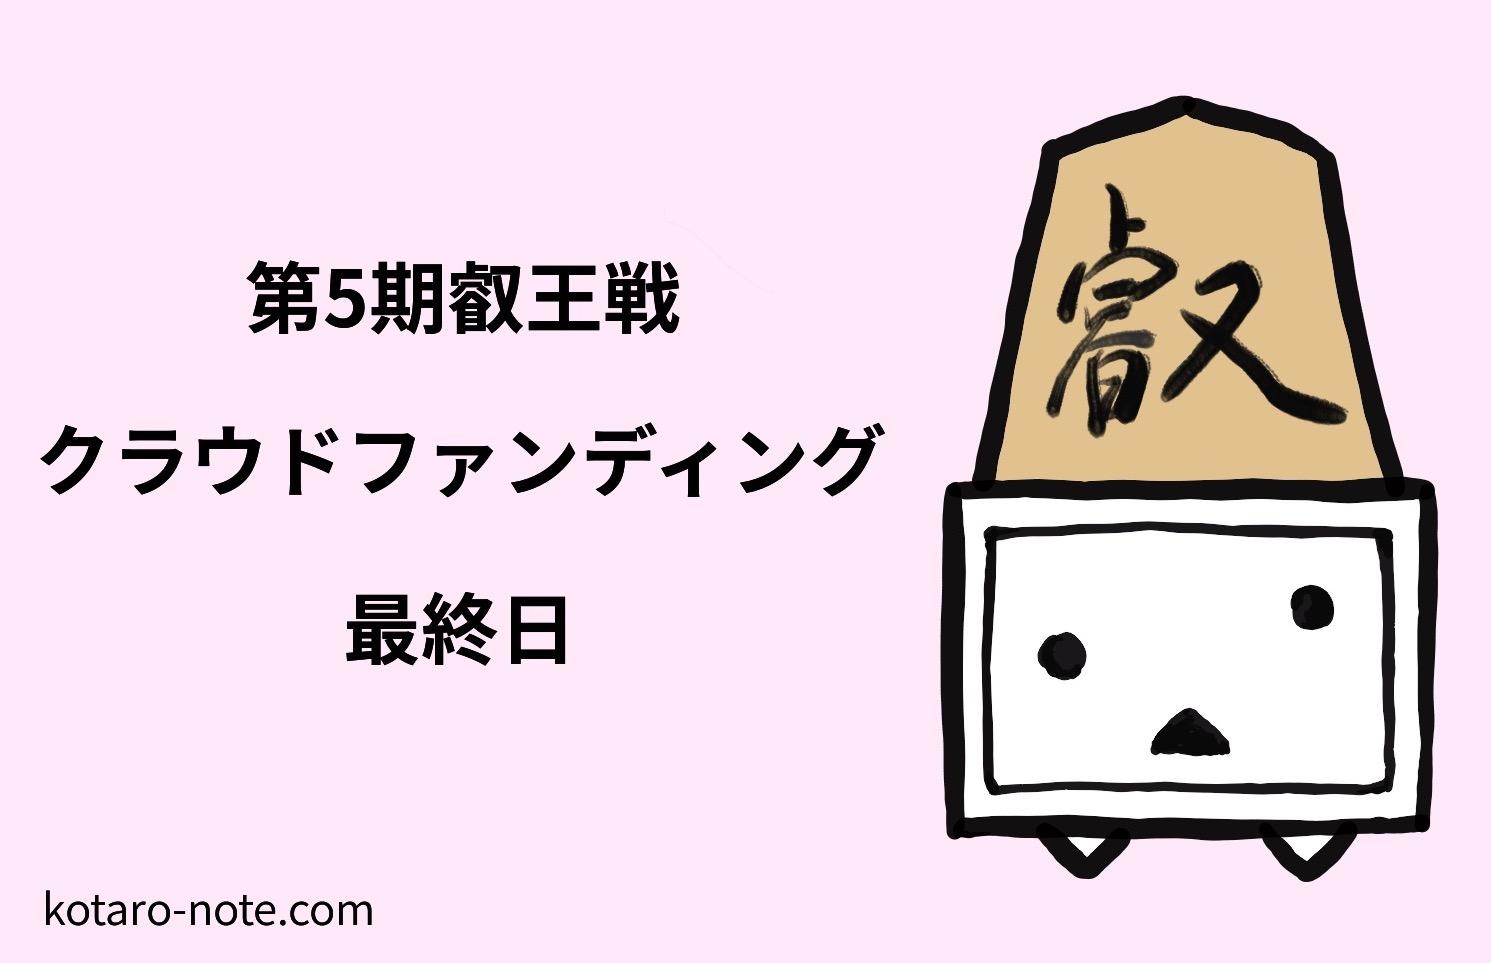 叡王戦クラウドファンディング最終日